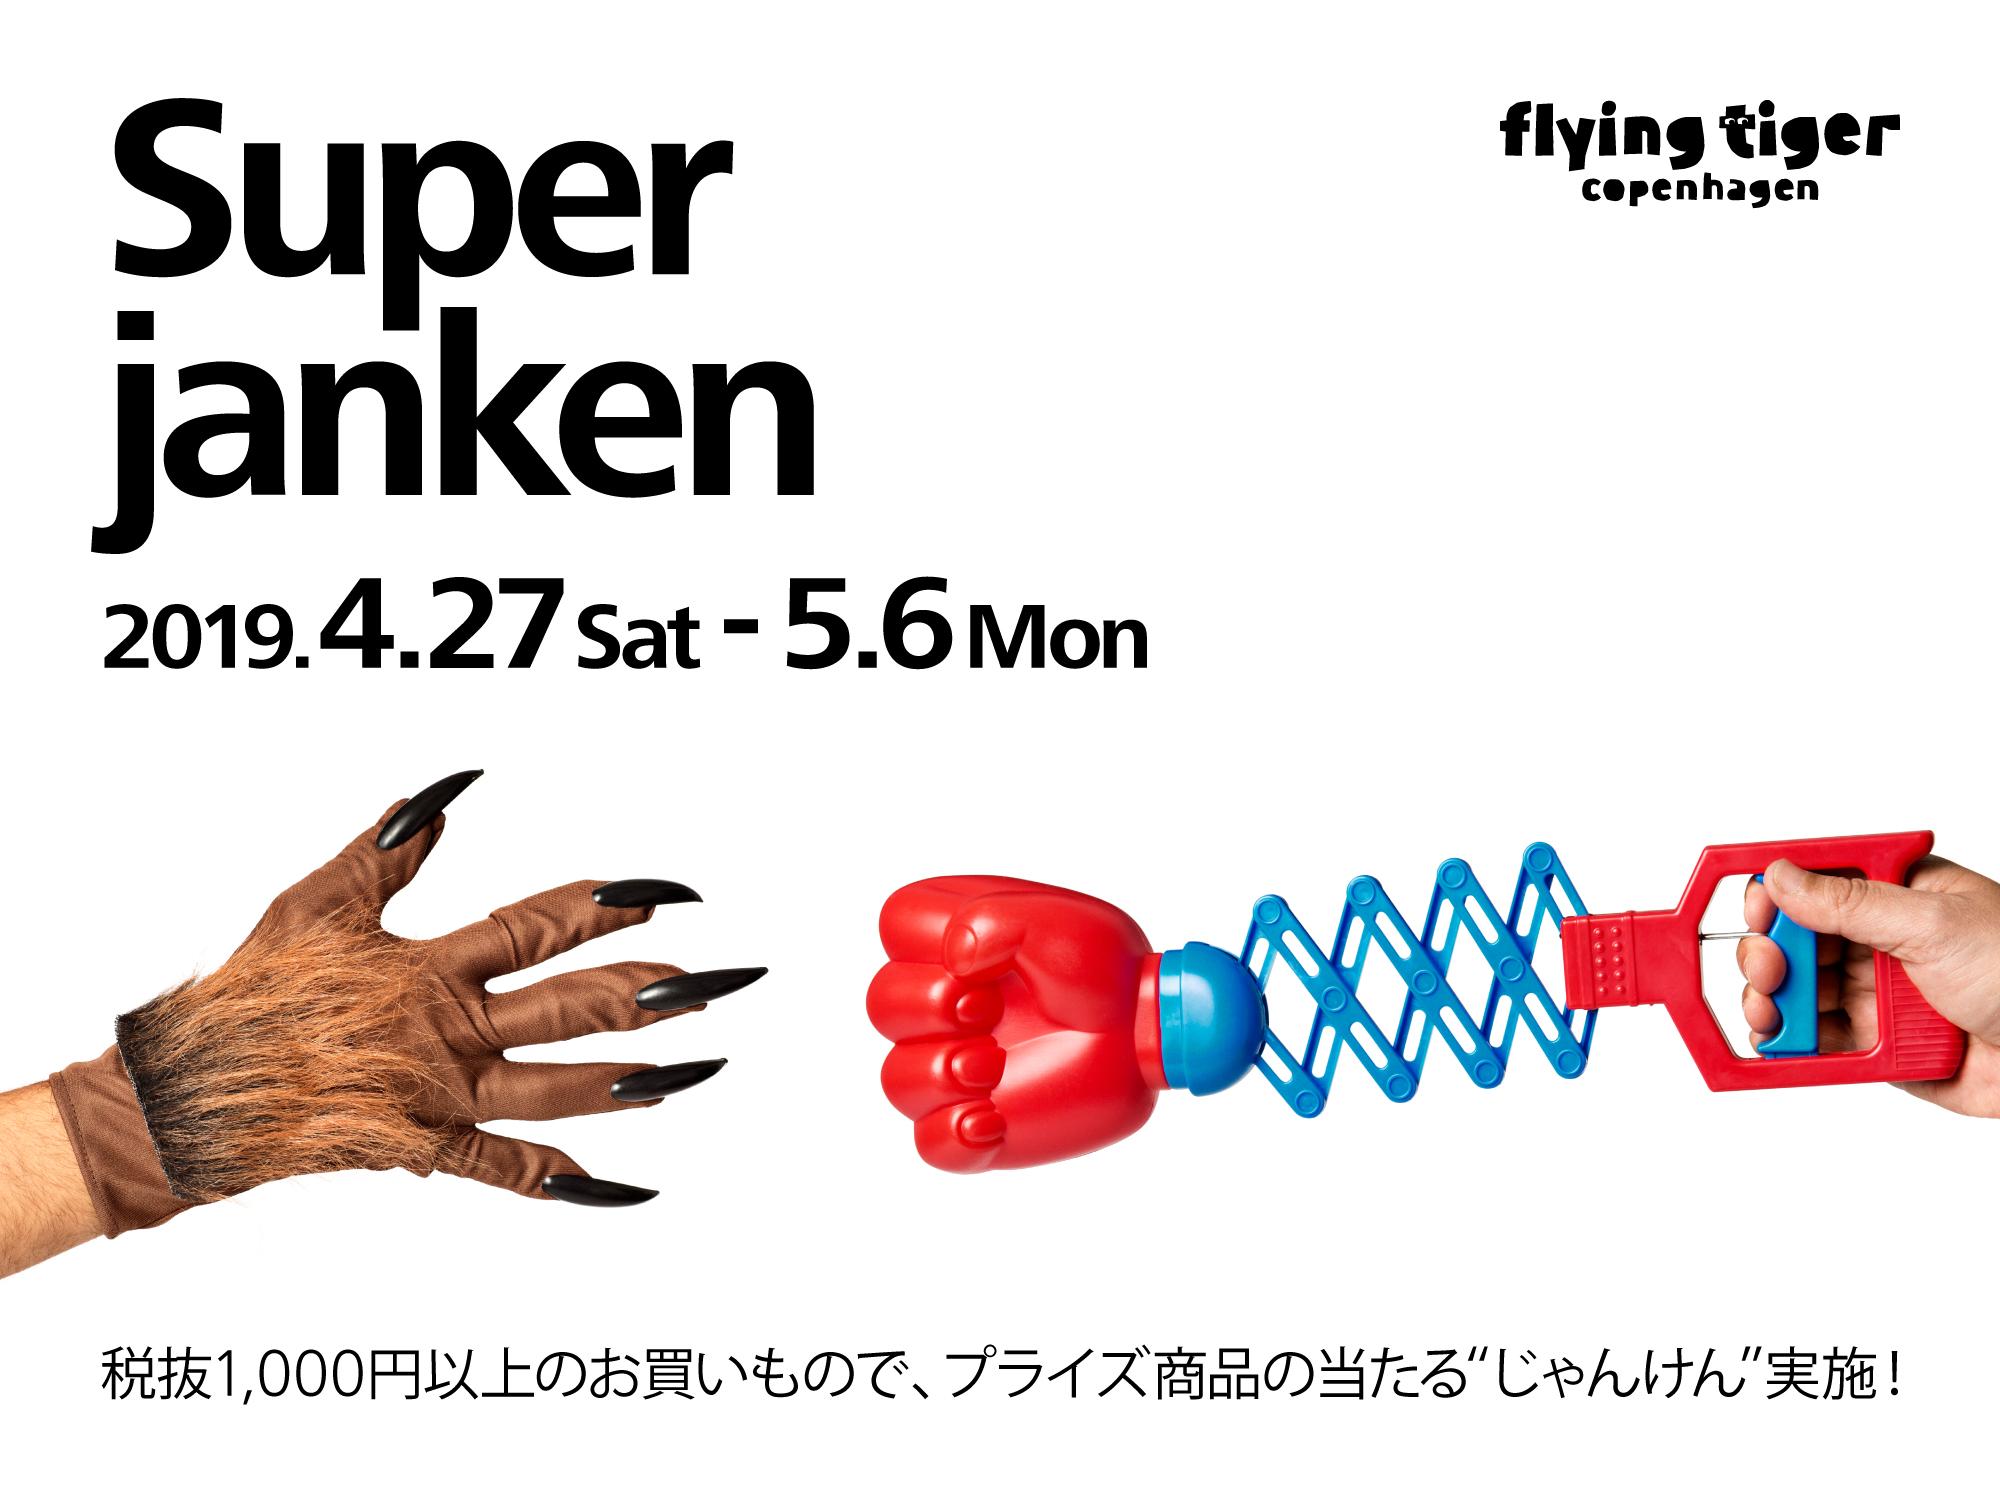 Super janken のスーパープレゼント